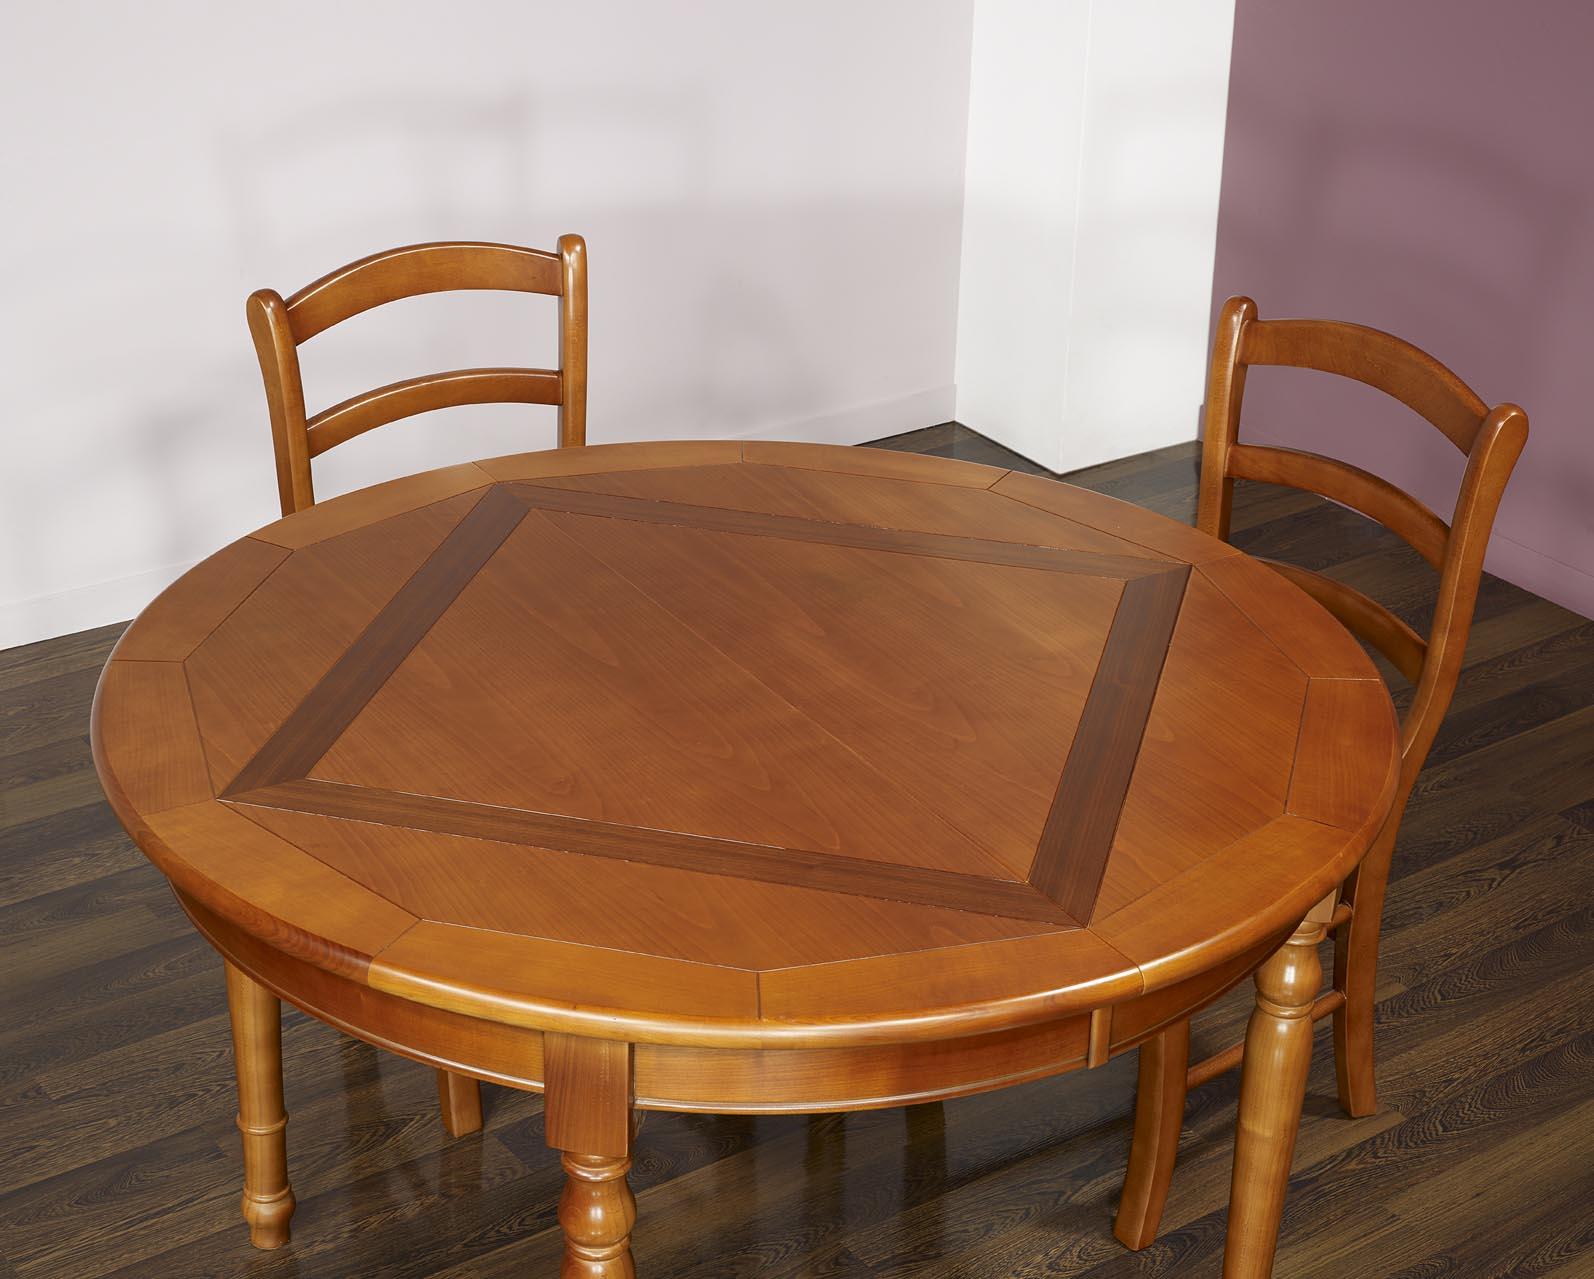 table ronde 4 pieds plateau marquett en merisier de style louis philippe diametre 120 finition. Black Bedroom Furniture Sets. Home Design Ideas